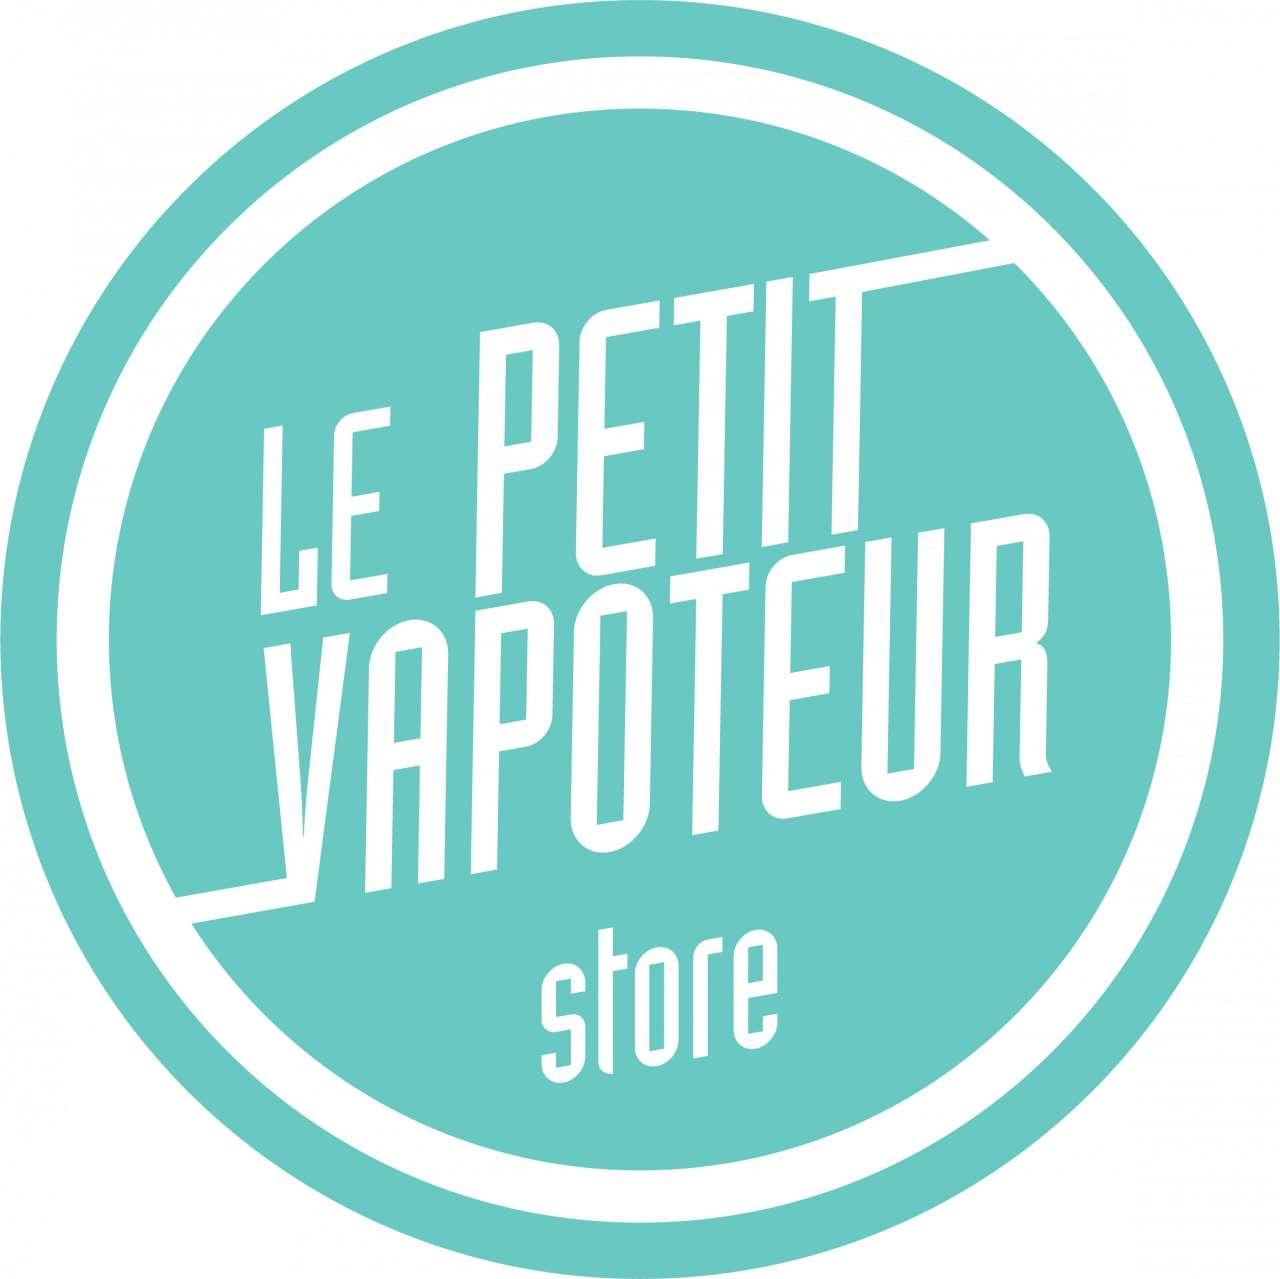 Boutique de vape spécialisée LE PETIT VAPOTEUR STORE située à CHERBOURG-OCTEVILLE